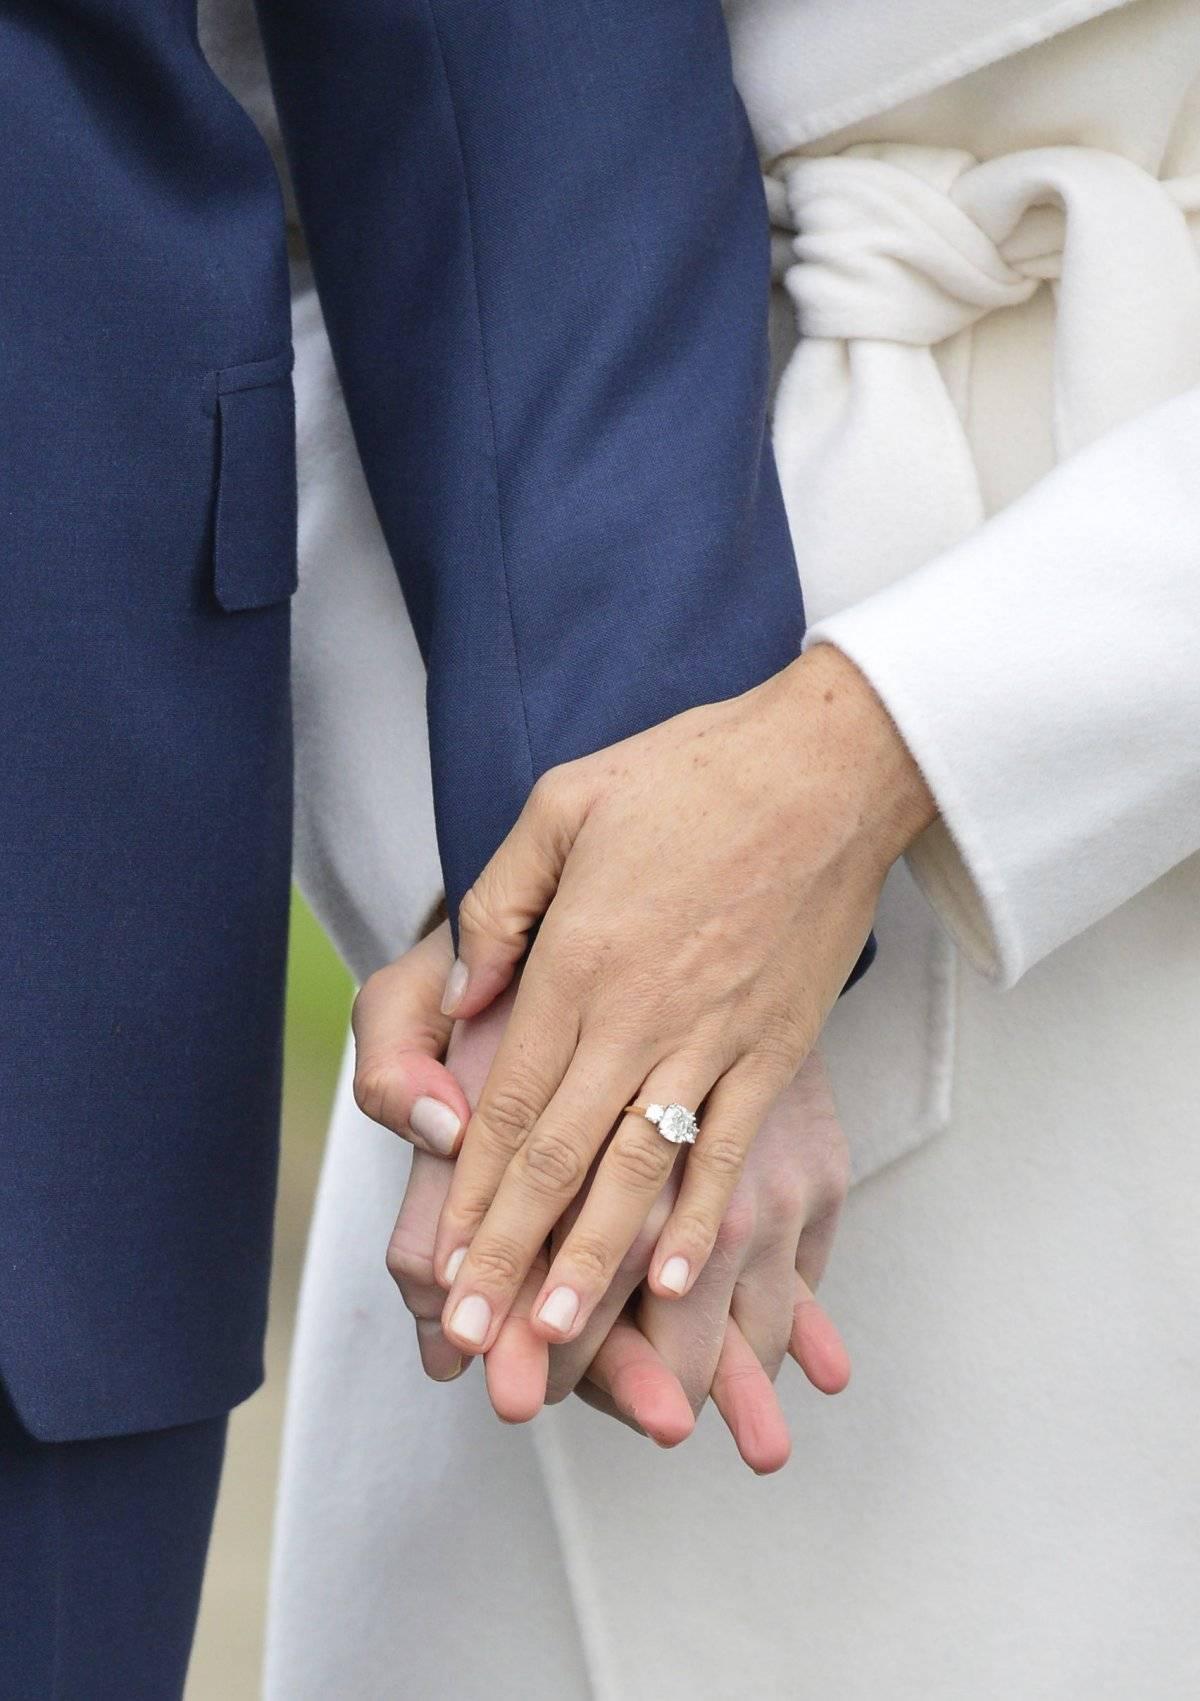 La actriz estadounidense Meghan Markle luce su anillo de compromiso al posar con el príncipe Enrique de Inglaterra para la prensa en el Palacio de Kensington, en Londres, el lunes 27 de noviembre del 2017. / AP